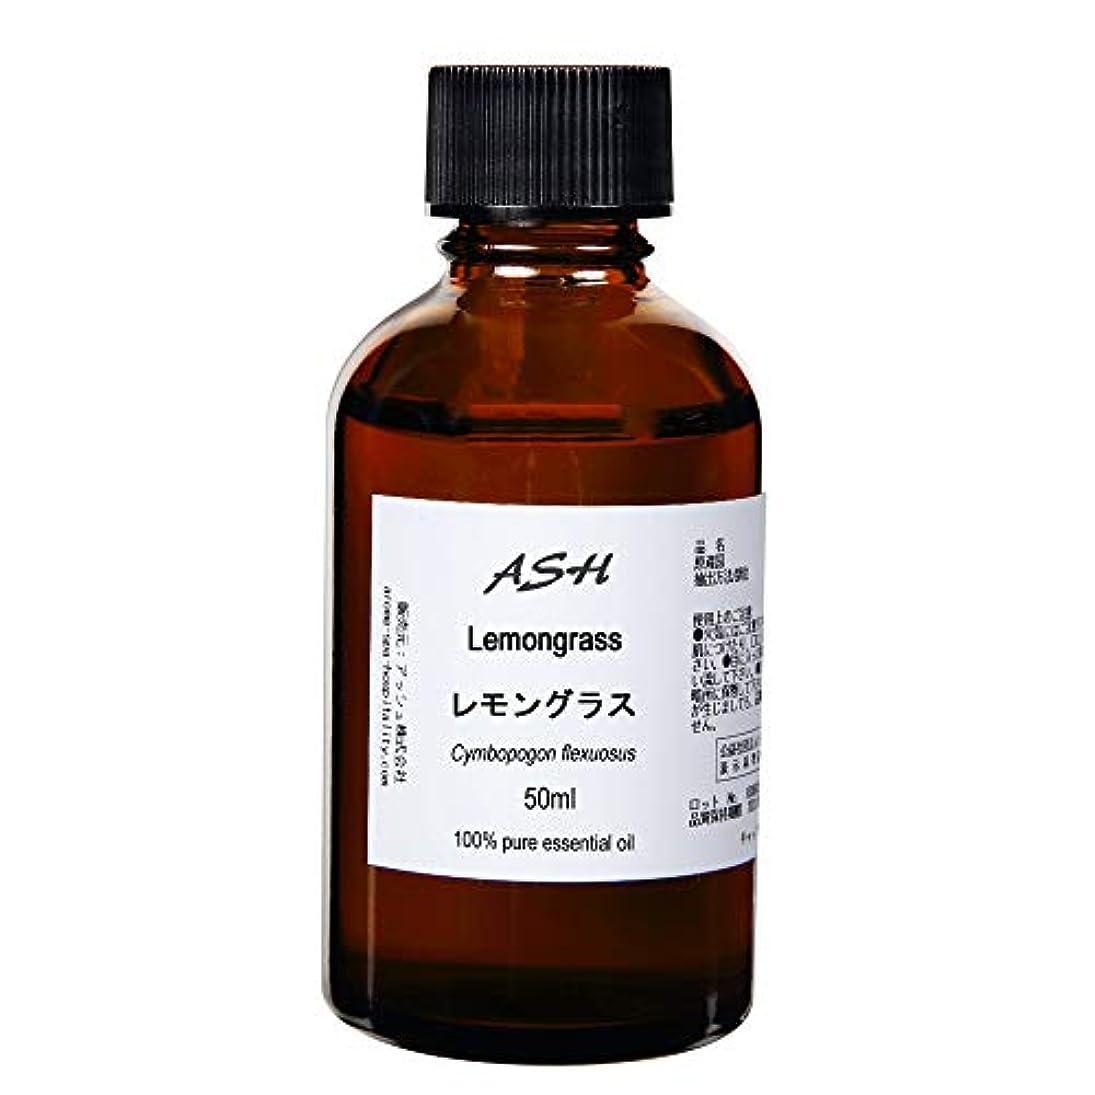 研磨剤太い品揃えASH レモングラス エッセンシャルオイル 50ml AEAJ表示基準適合認定精油